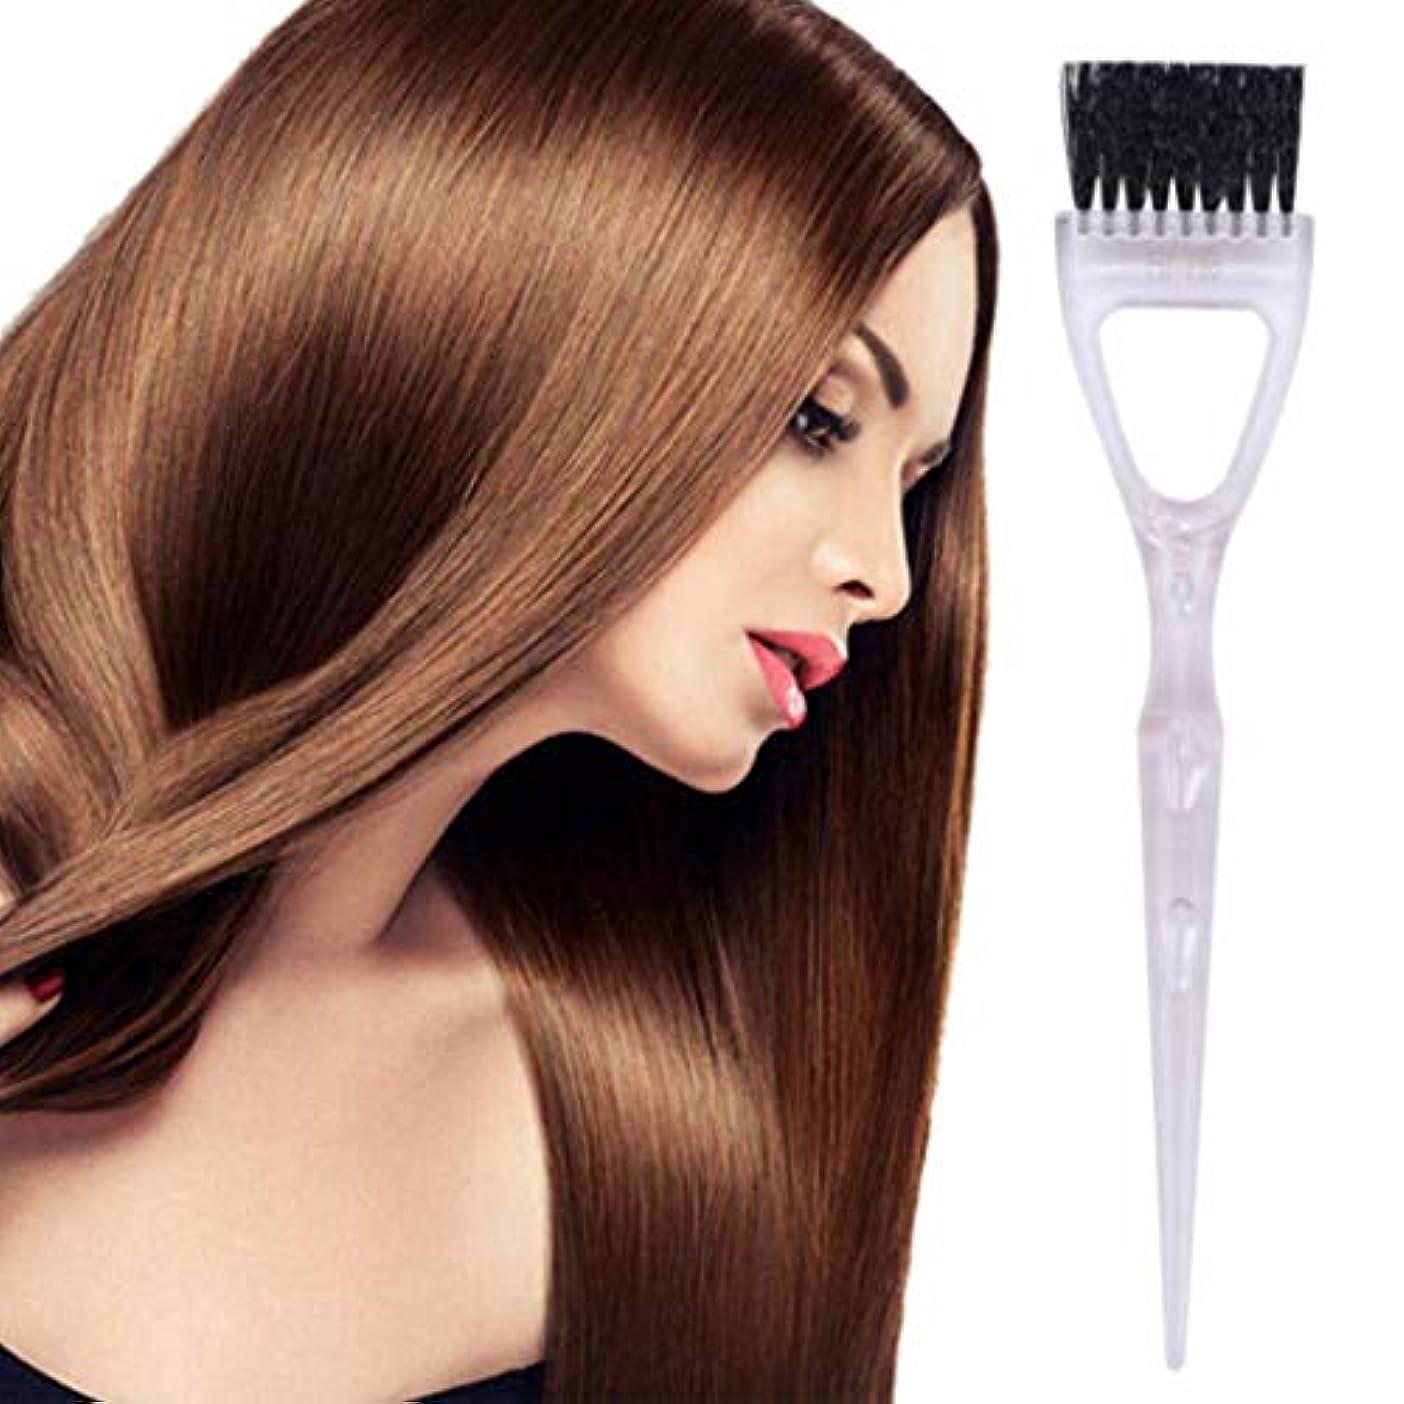 ティーンエイジャー報復見捨てる染毛ブラシヘアブラシサロンコームヘアカラーブラシ染めトーンツールキット、カラーケアの染毛ケラチン